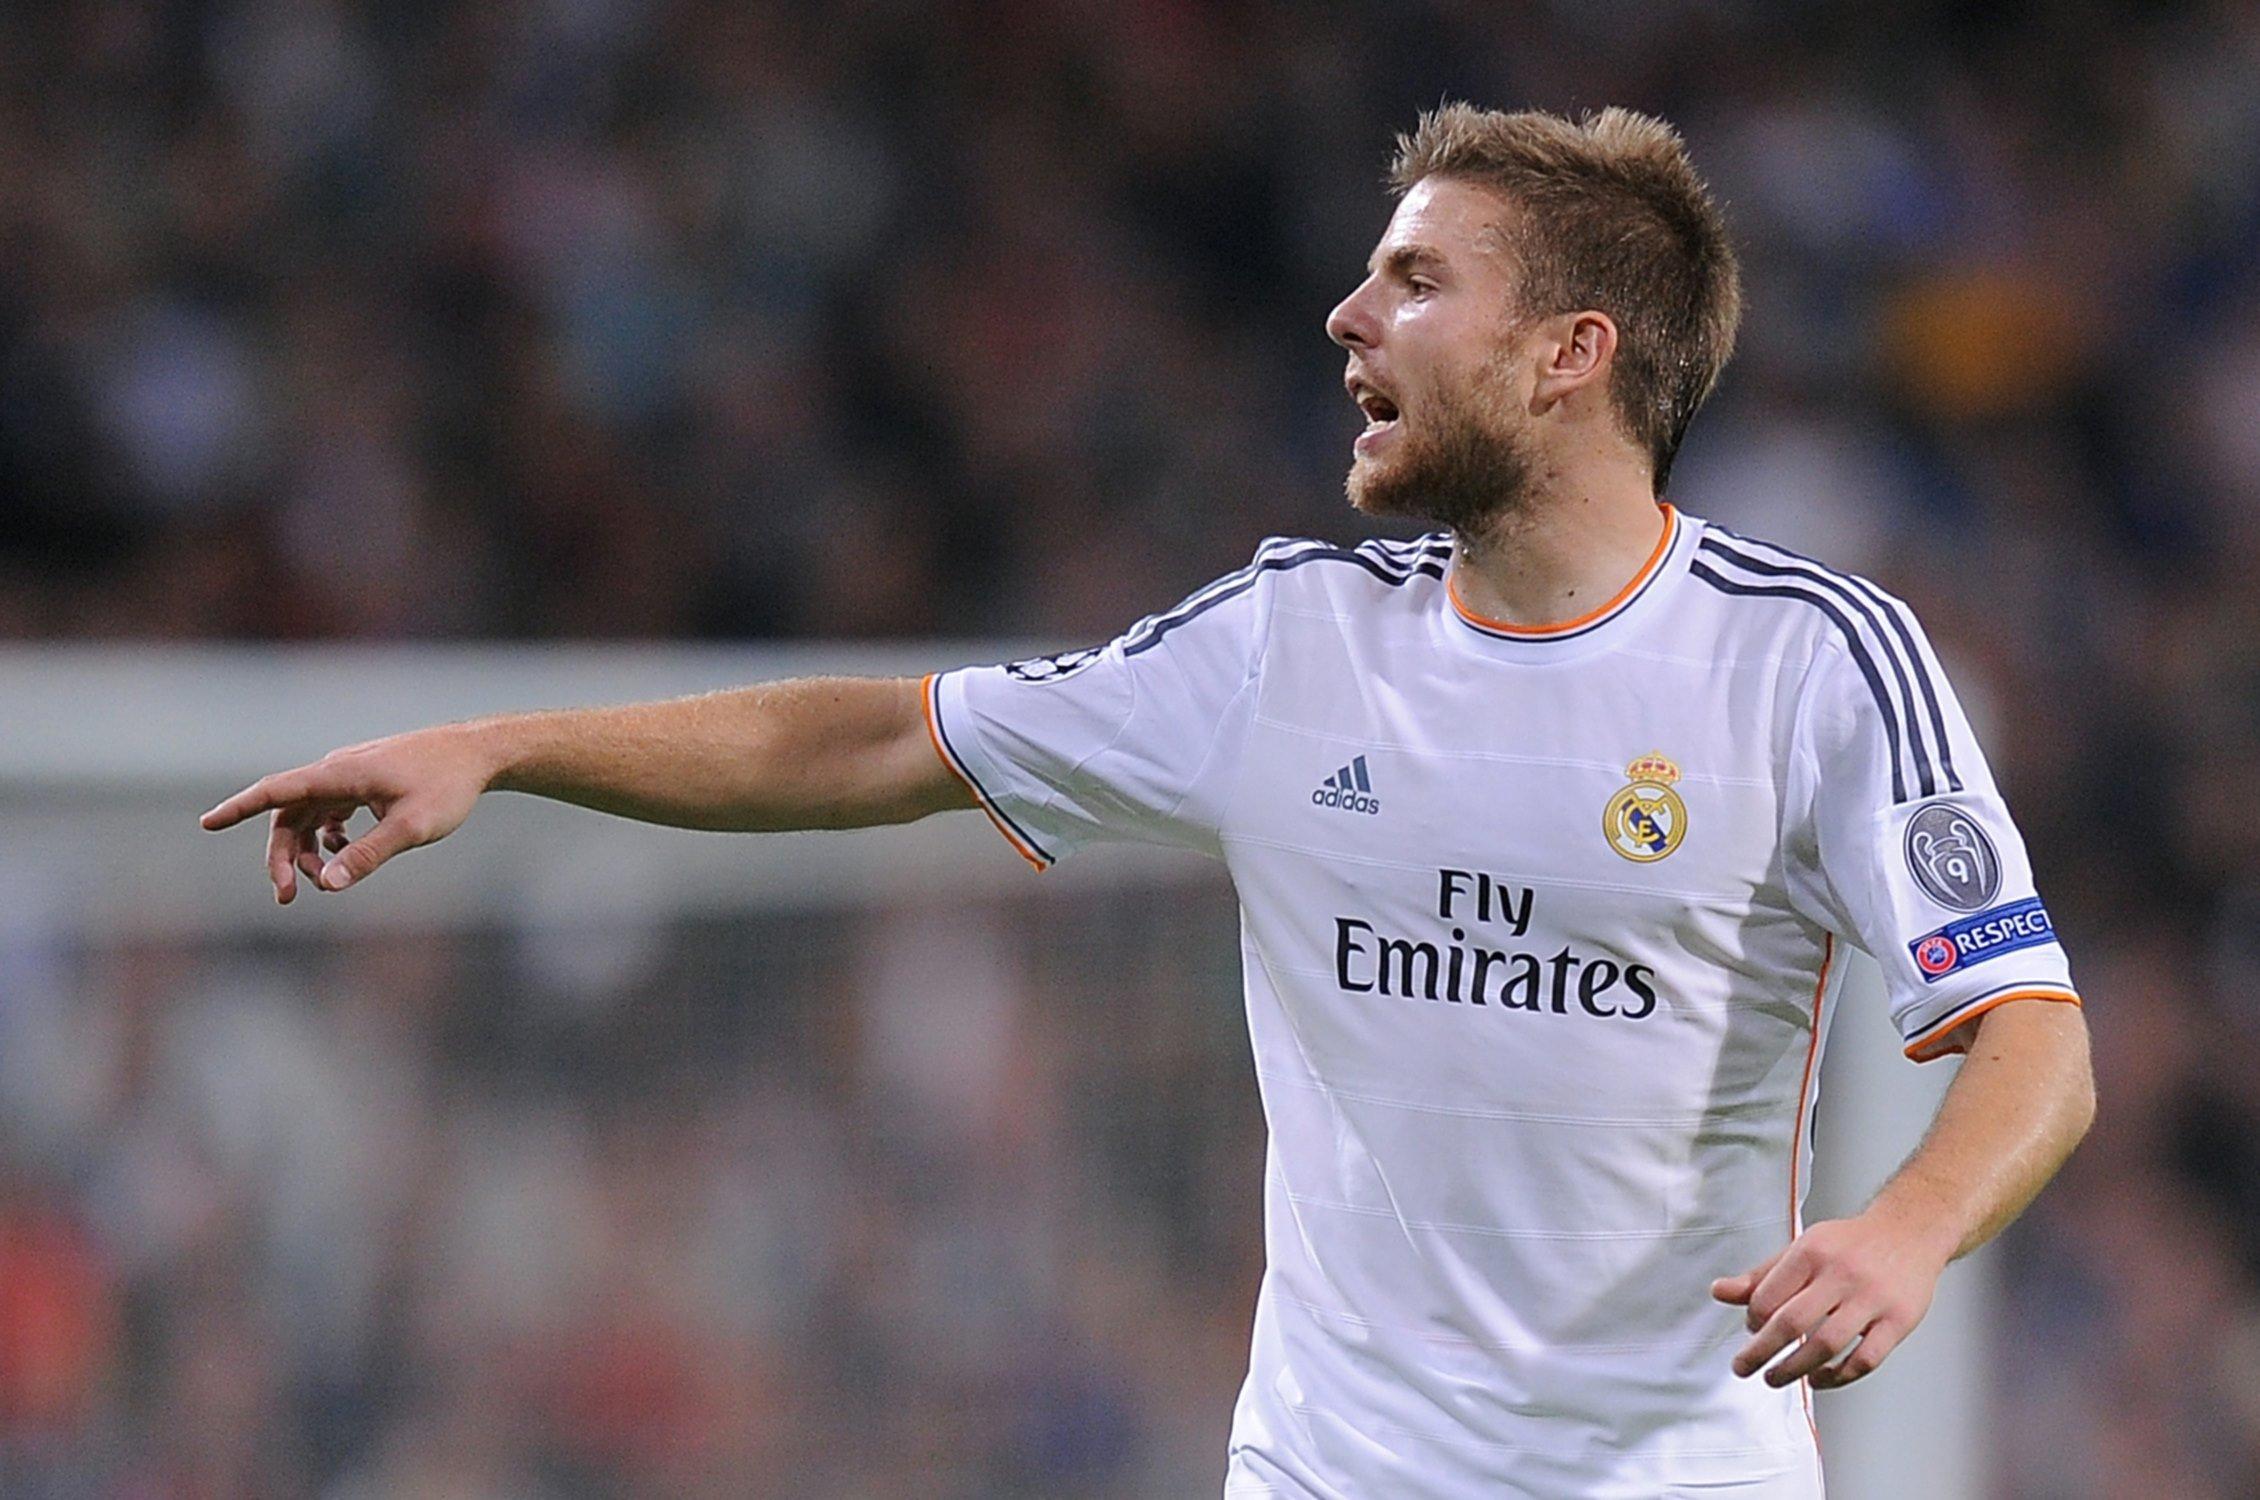 El Athletic confía en llevárselo del Madrid en el mercado invernal